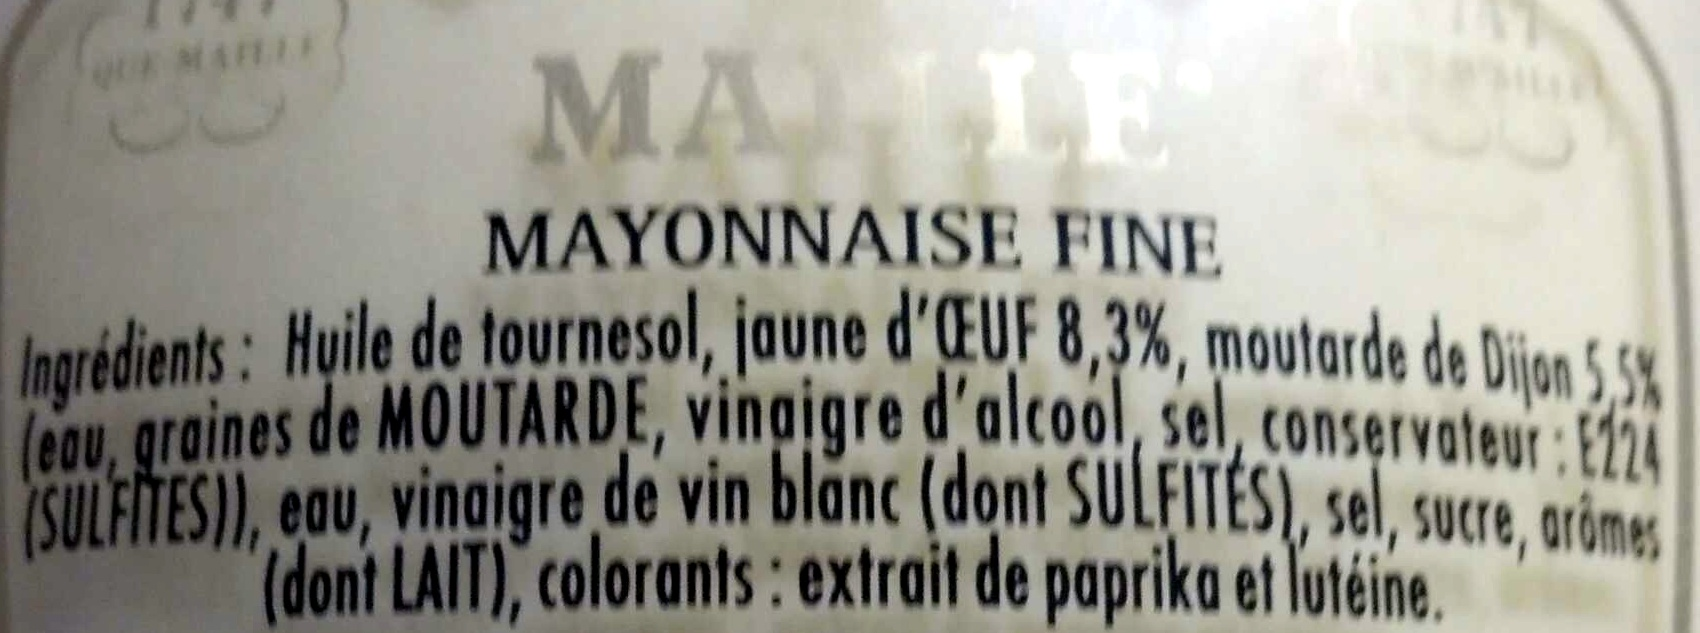 Mayonnaise fine qualité traiteur 100g - Ingredients